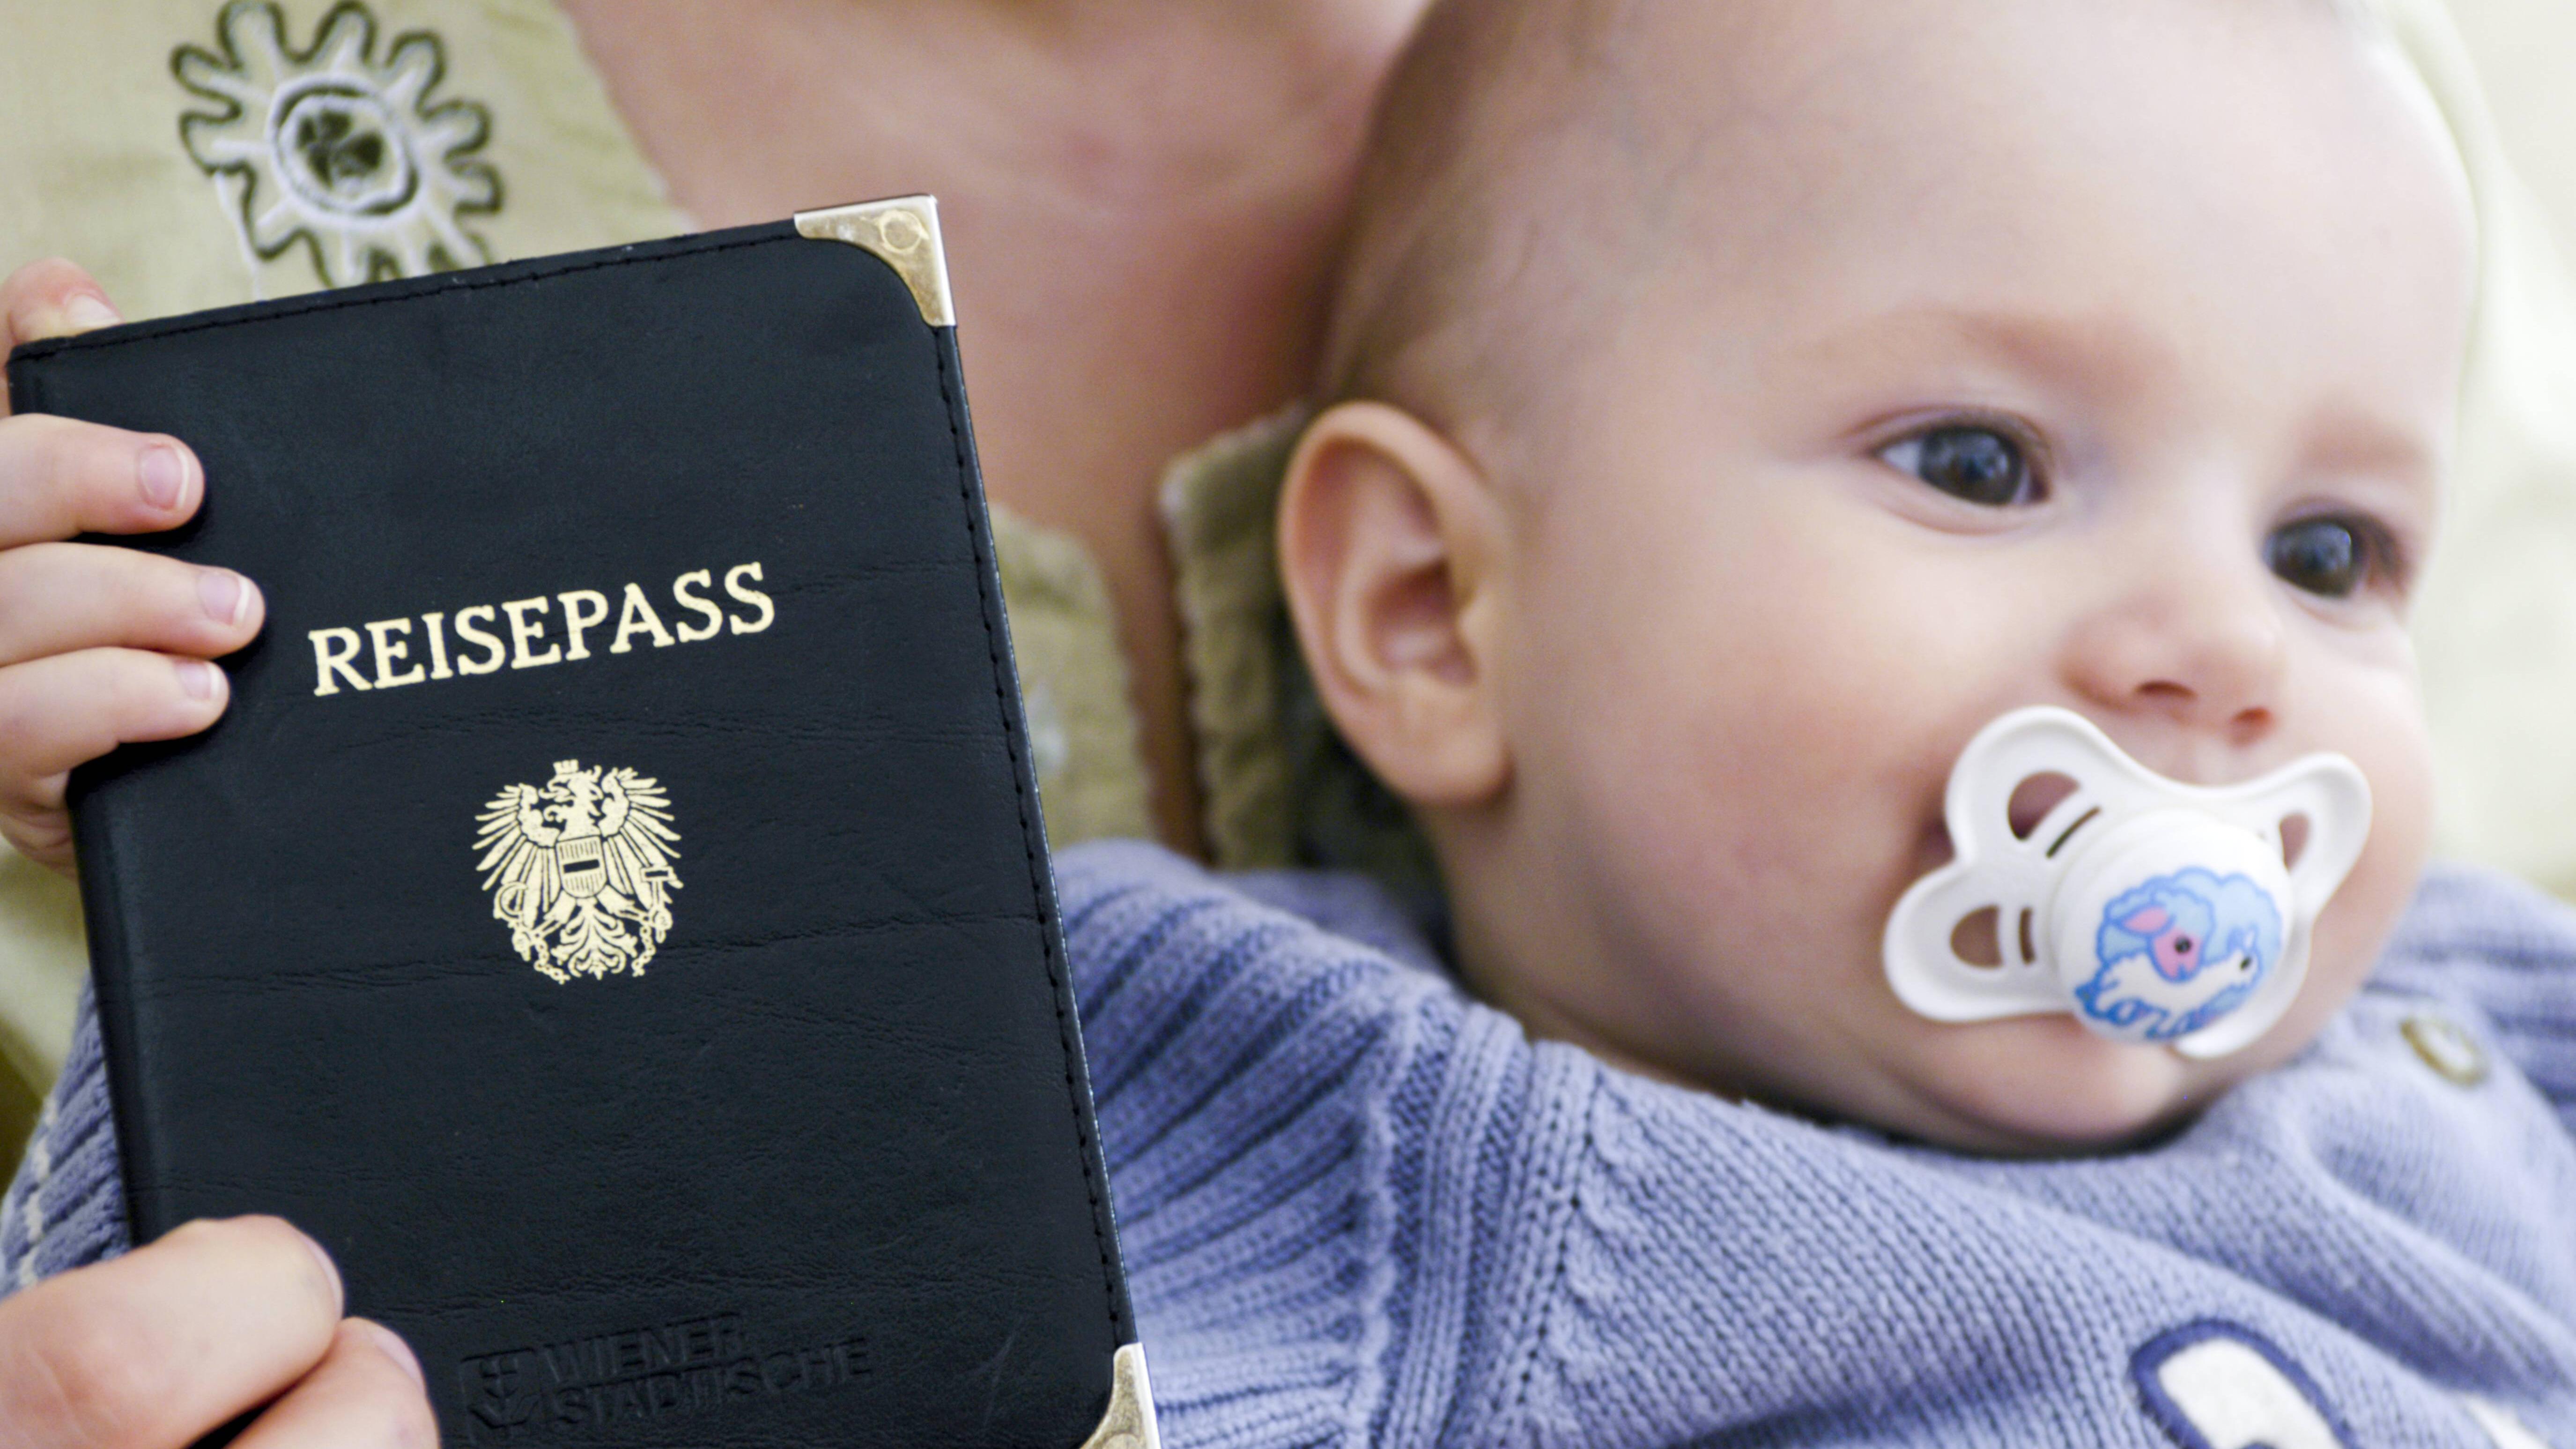 Mit Ihrem Baby sollten Sie nicht ohne Ausweis ins Ausland reisen.